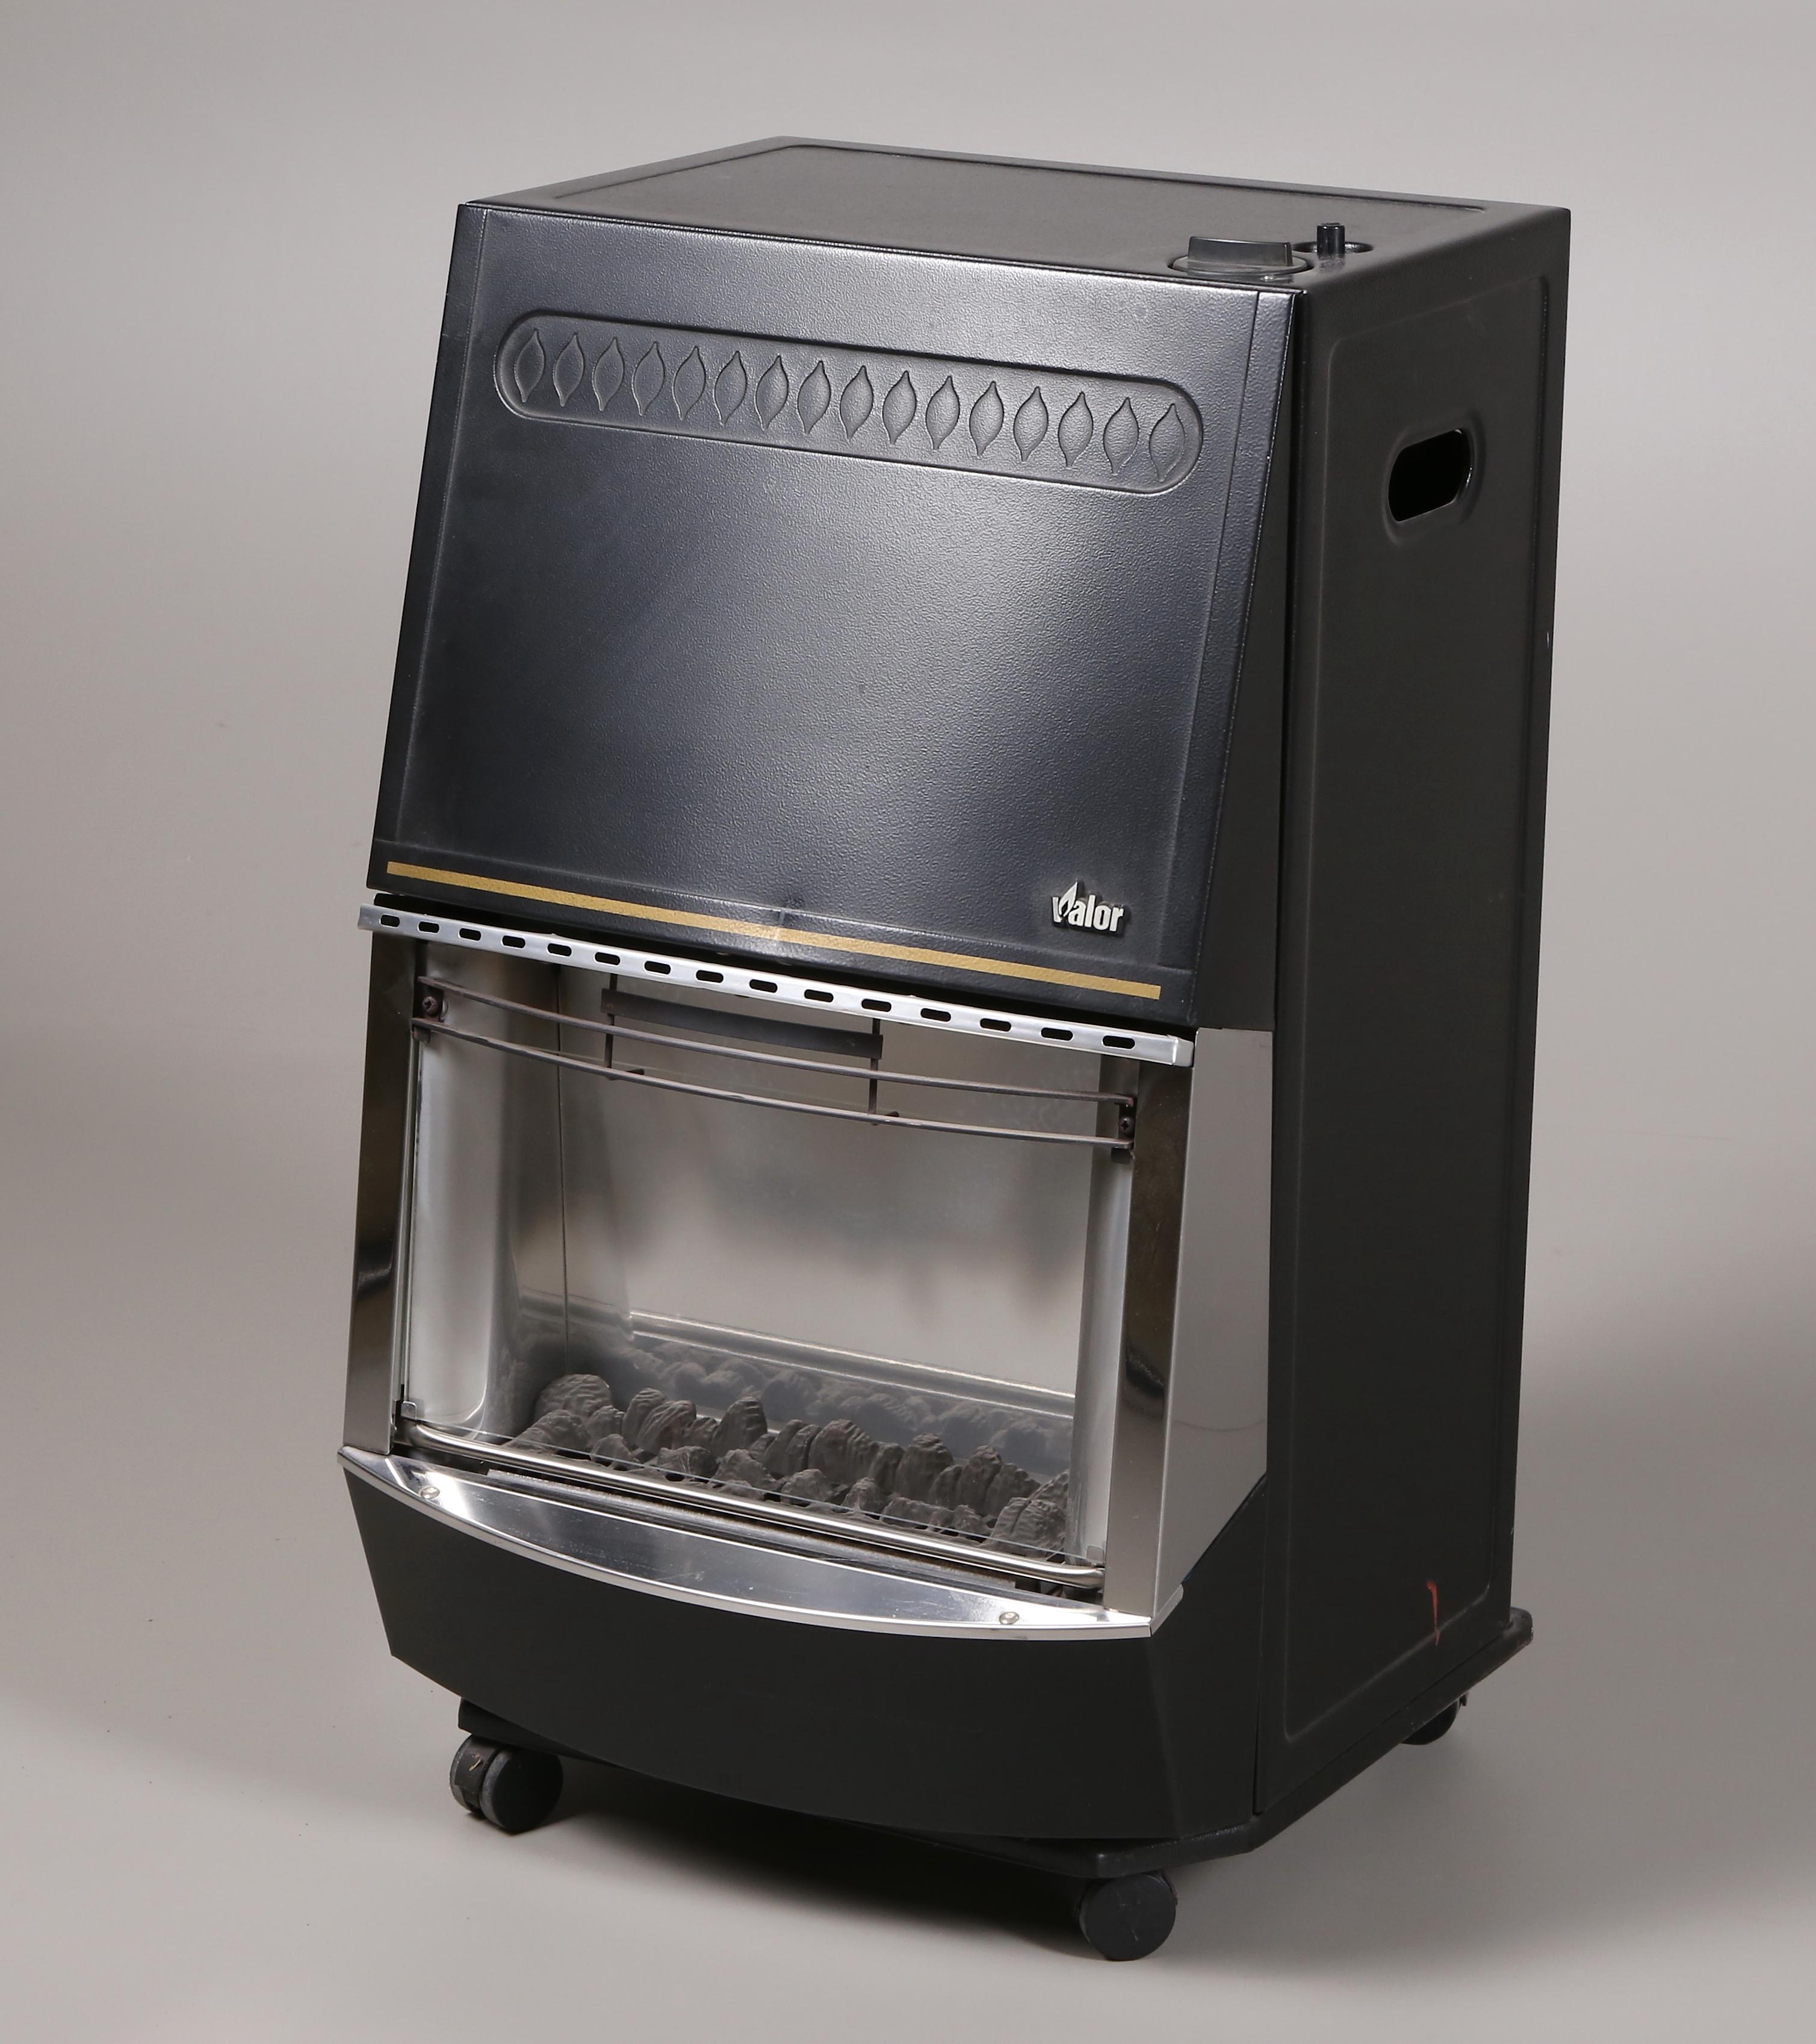 Attraktiva GASOLKAMIN Valor, med gastub. Möbler - Övrigt - Auctionet CL-09